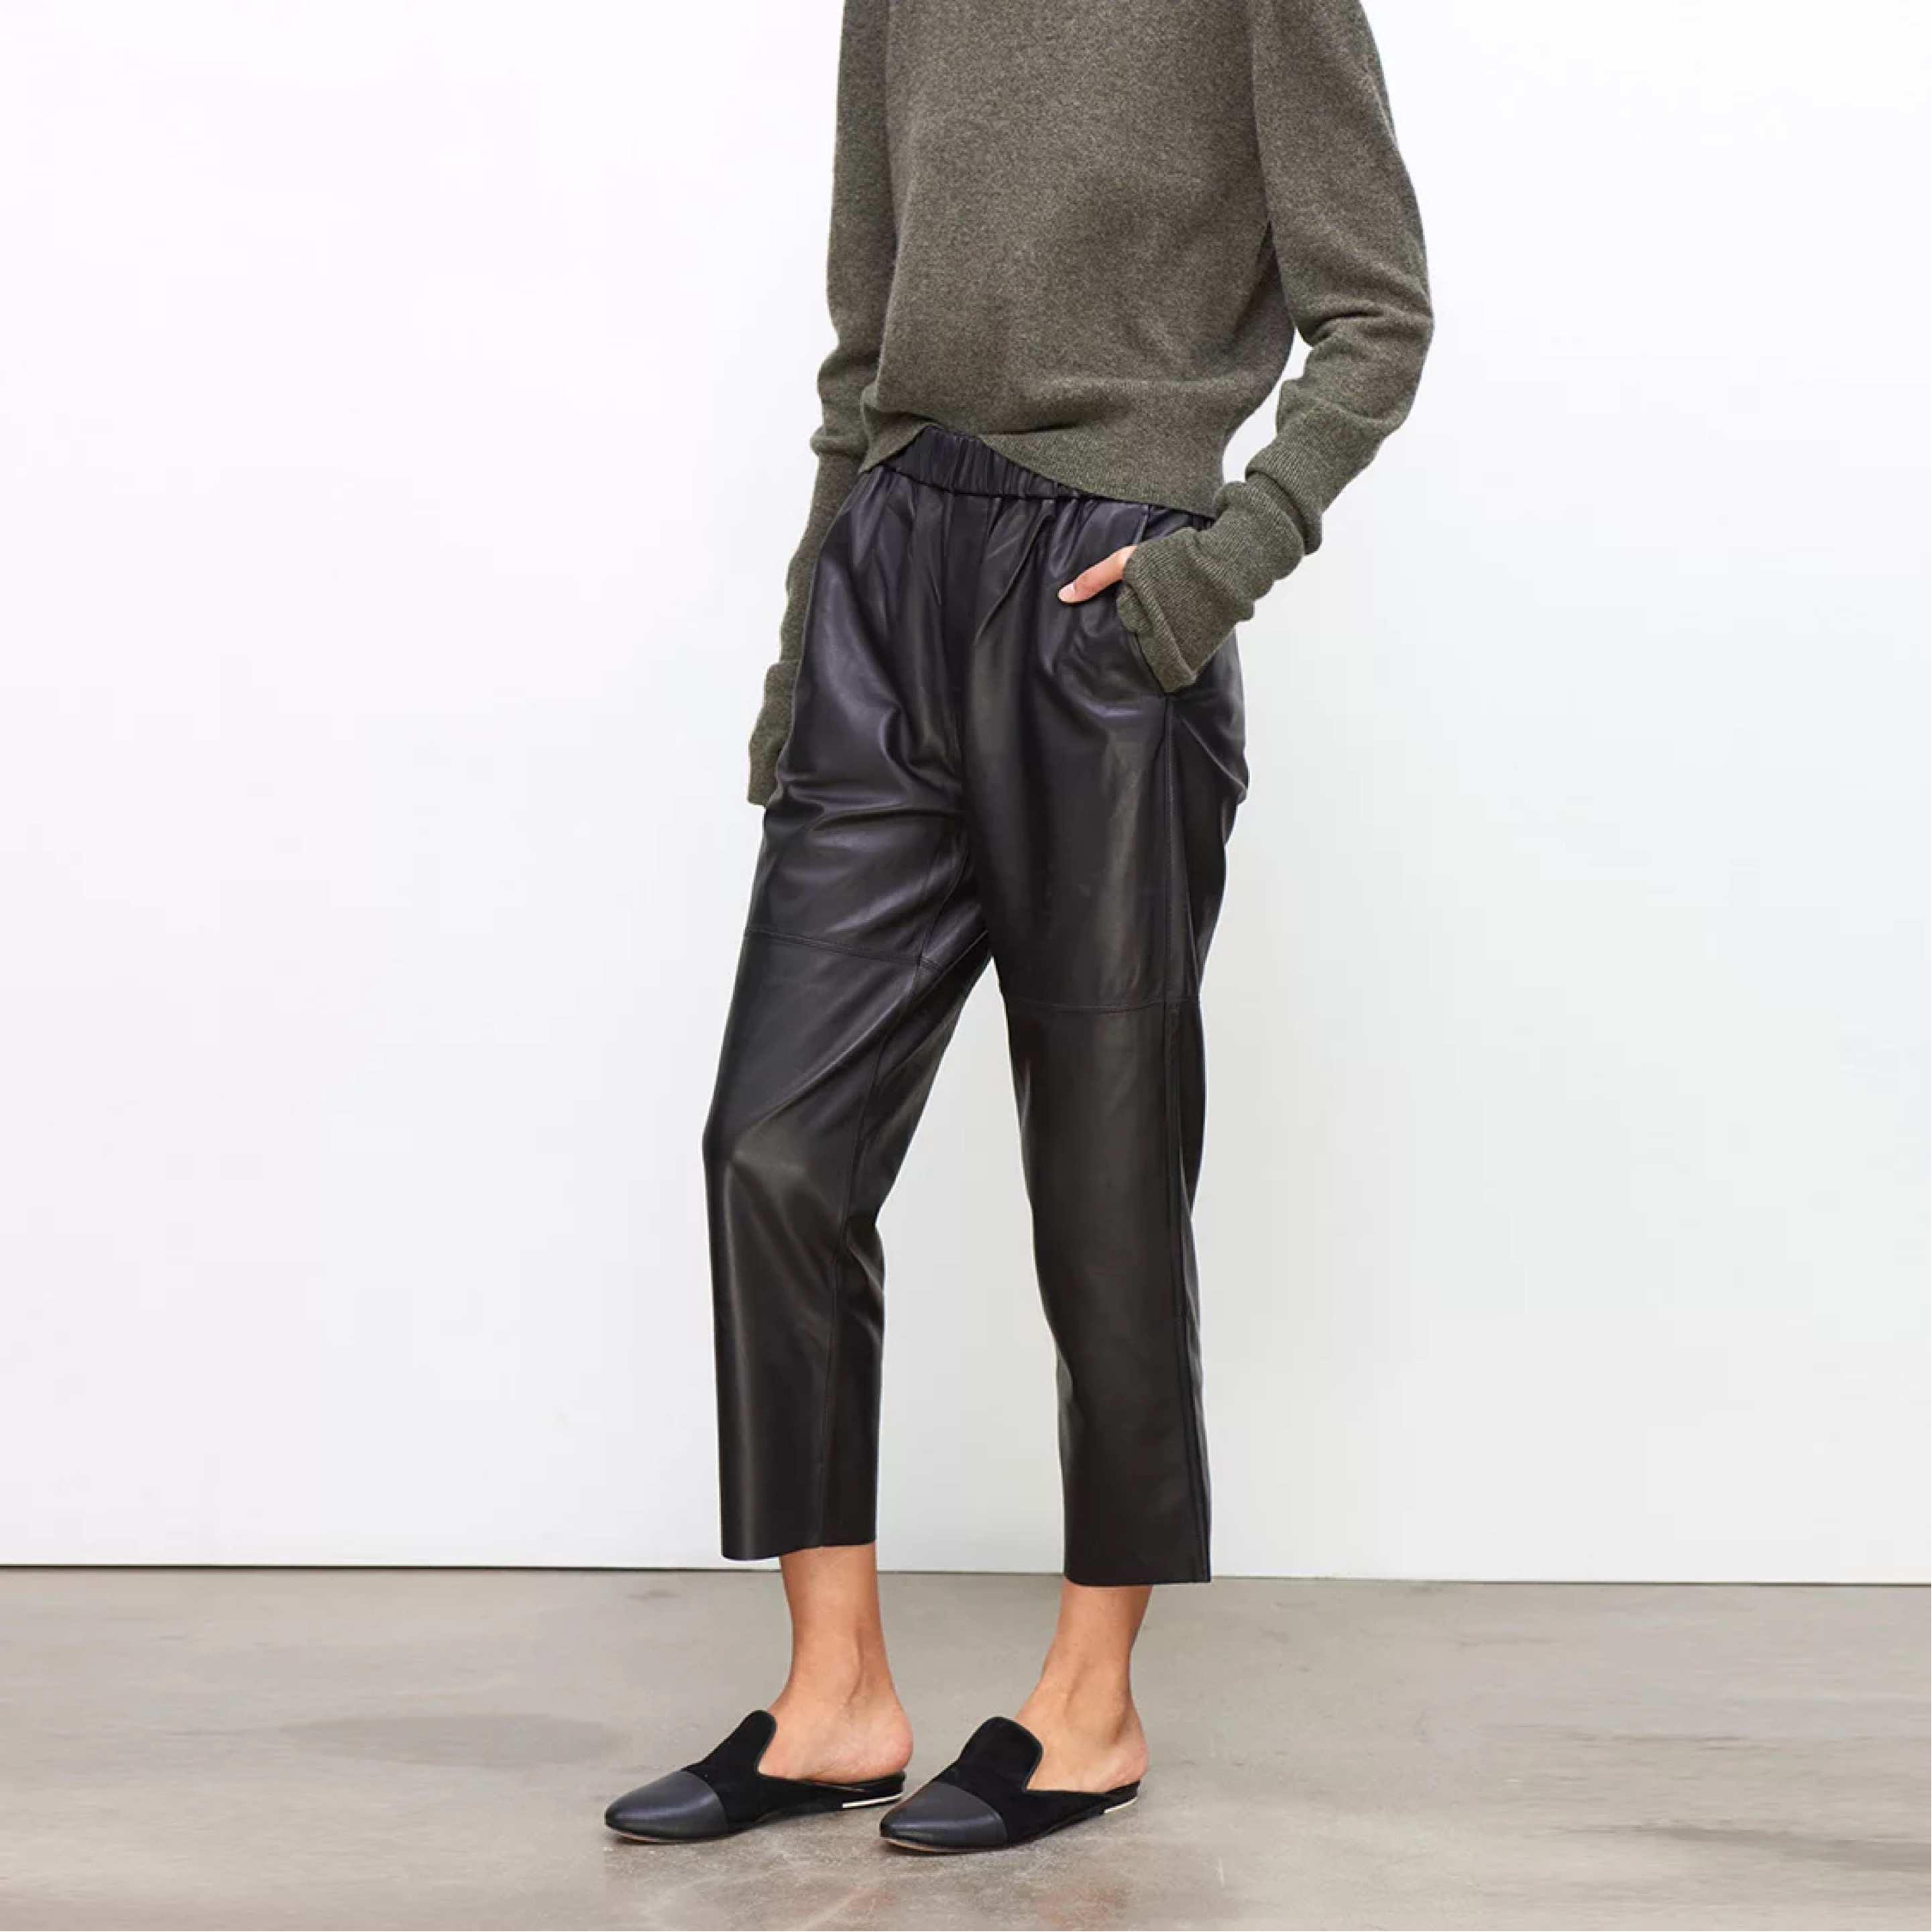 Calças de couro real das mulheres calças de couro de cintura alta harem calças plus size 2019 nova cintura elástica streetwear calças femininas